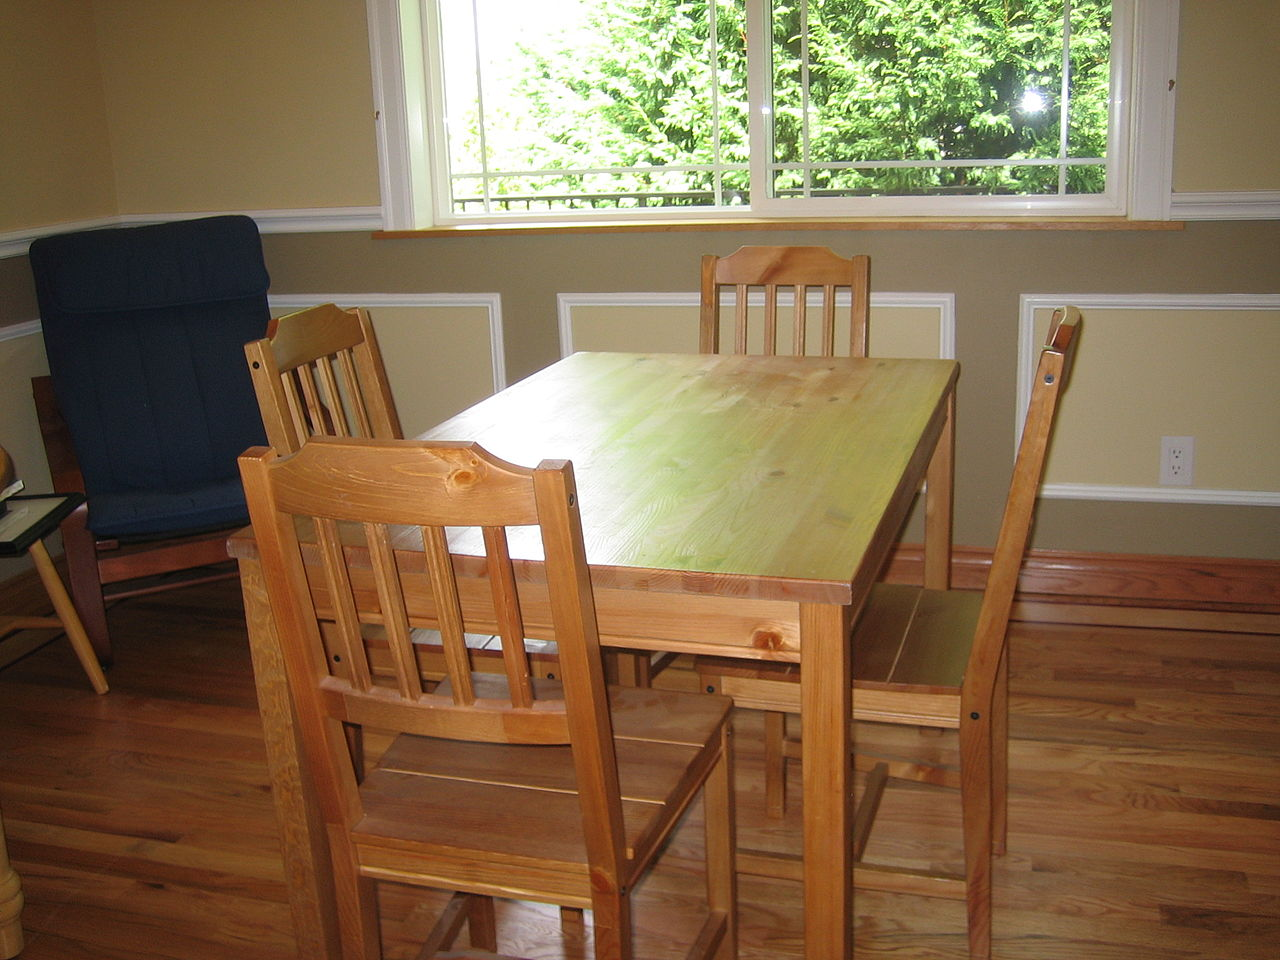 木製のダイニングテーブルと椅子